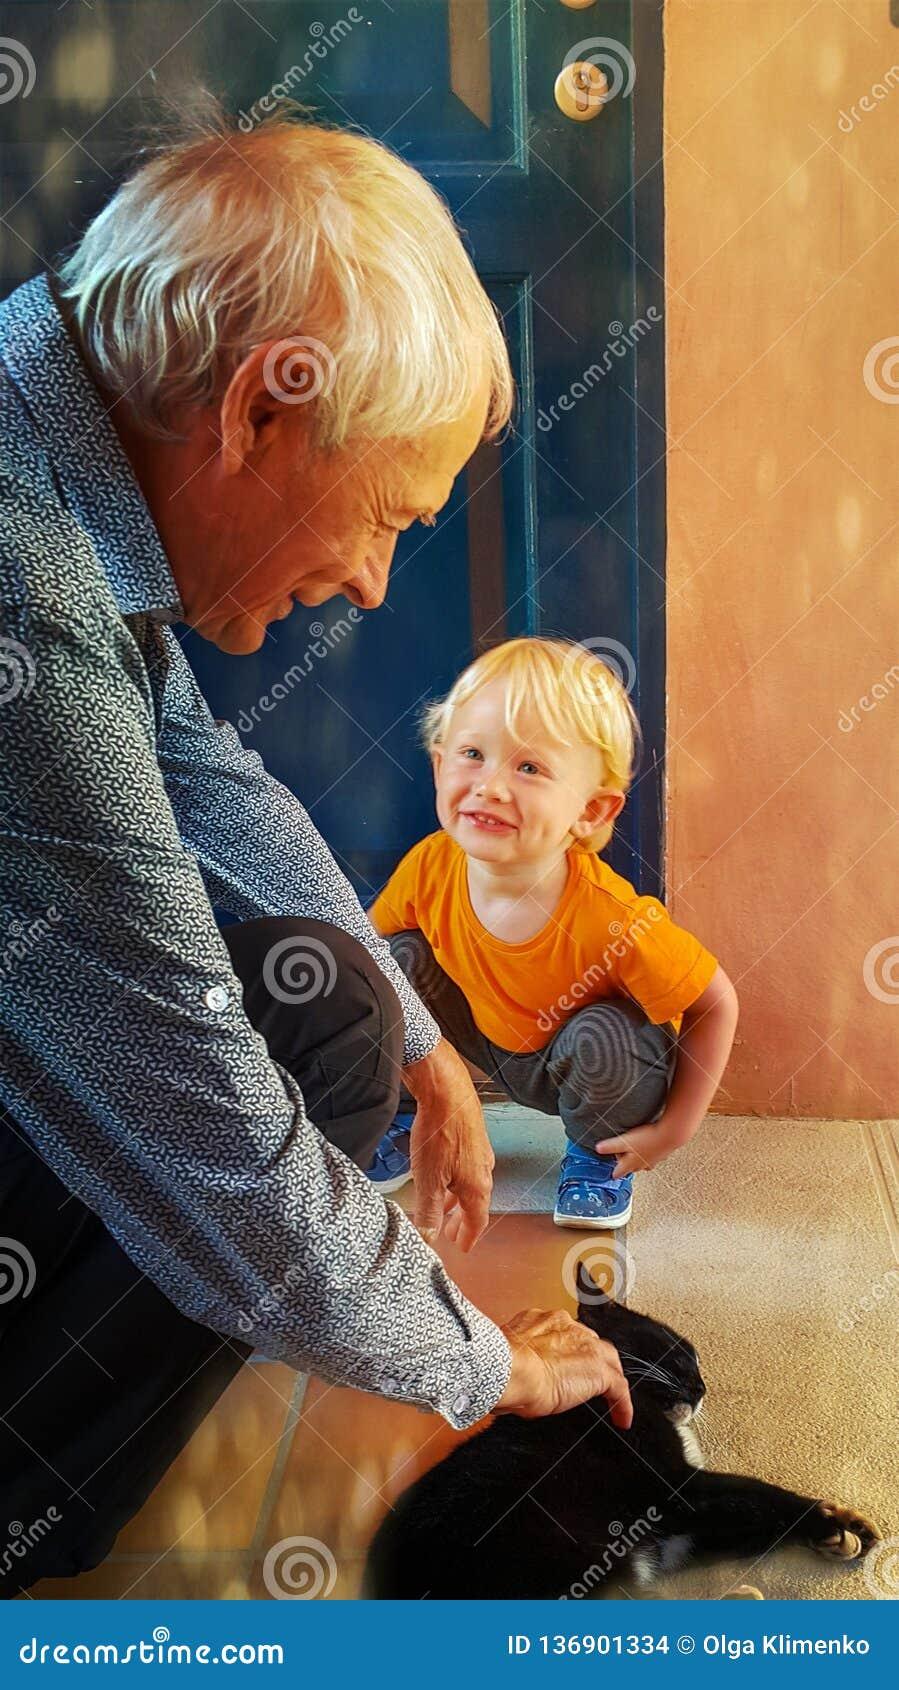 Маленький двухлетний мальчик счастливо усмехается и смотрится его деда с обожанием, которое штрихует кота